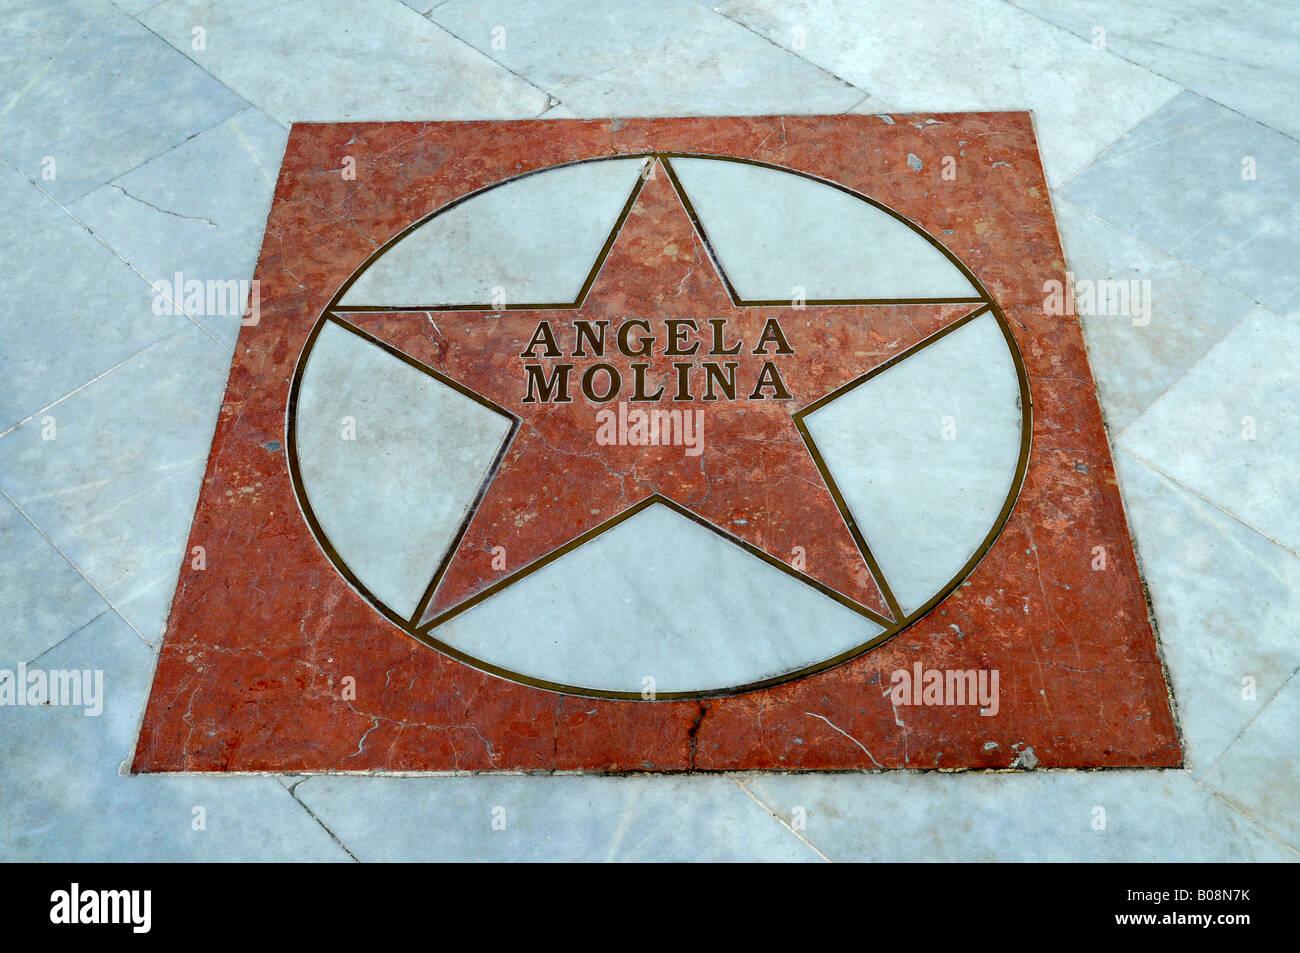 Actress Angela Molina's star on the El Paseo de Estrellas, Promenade of the Stars, Albir, Alicante, Costa Blanca, - Stock Image